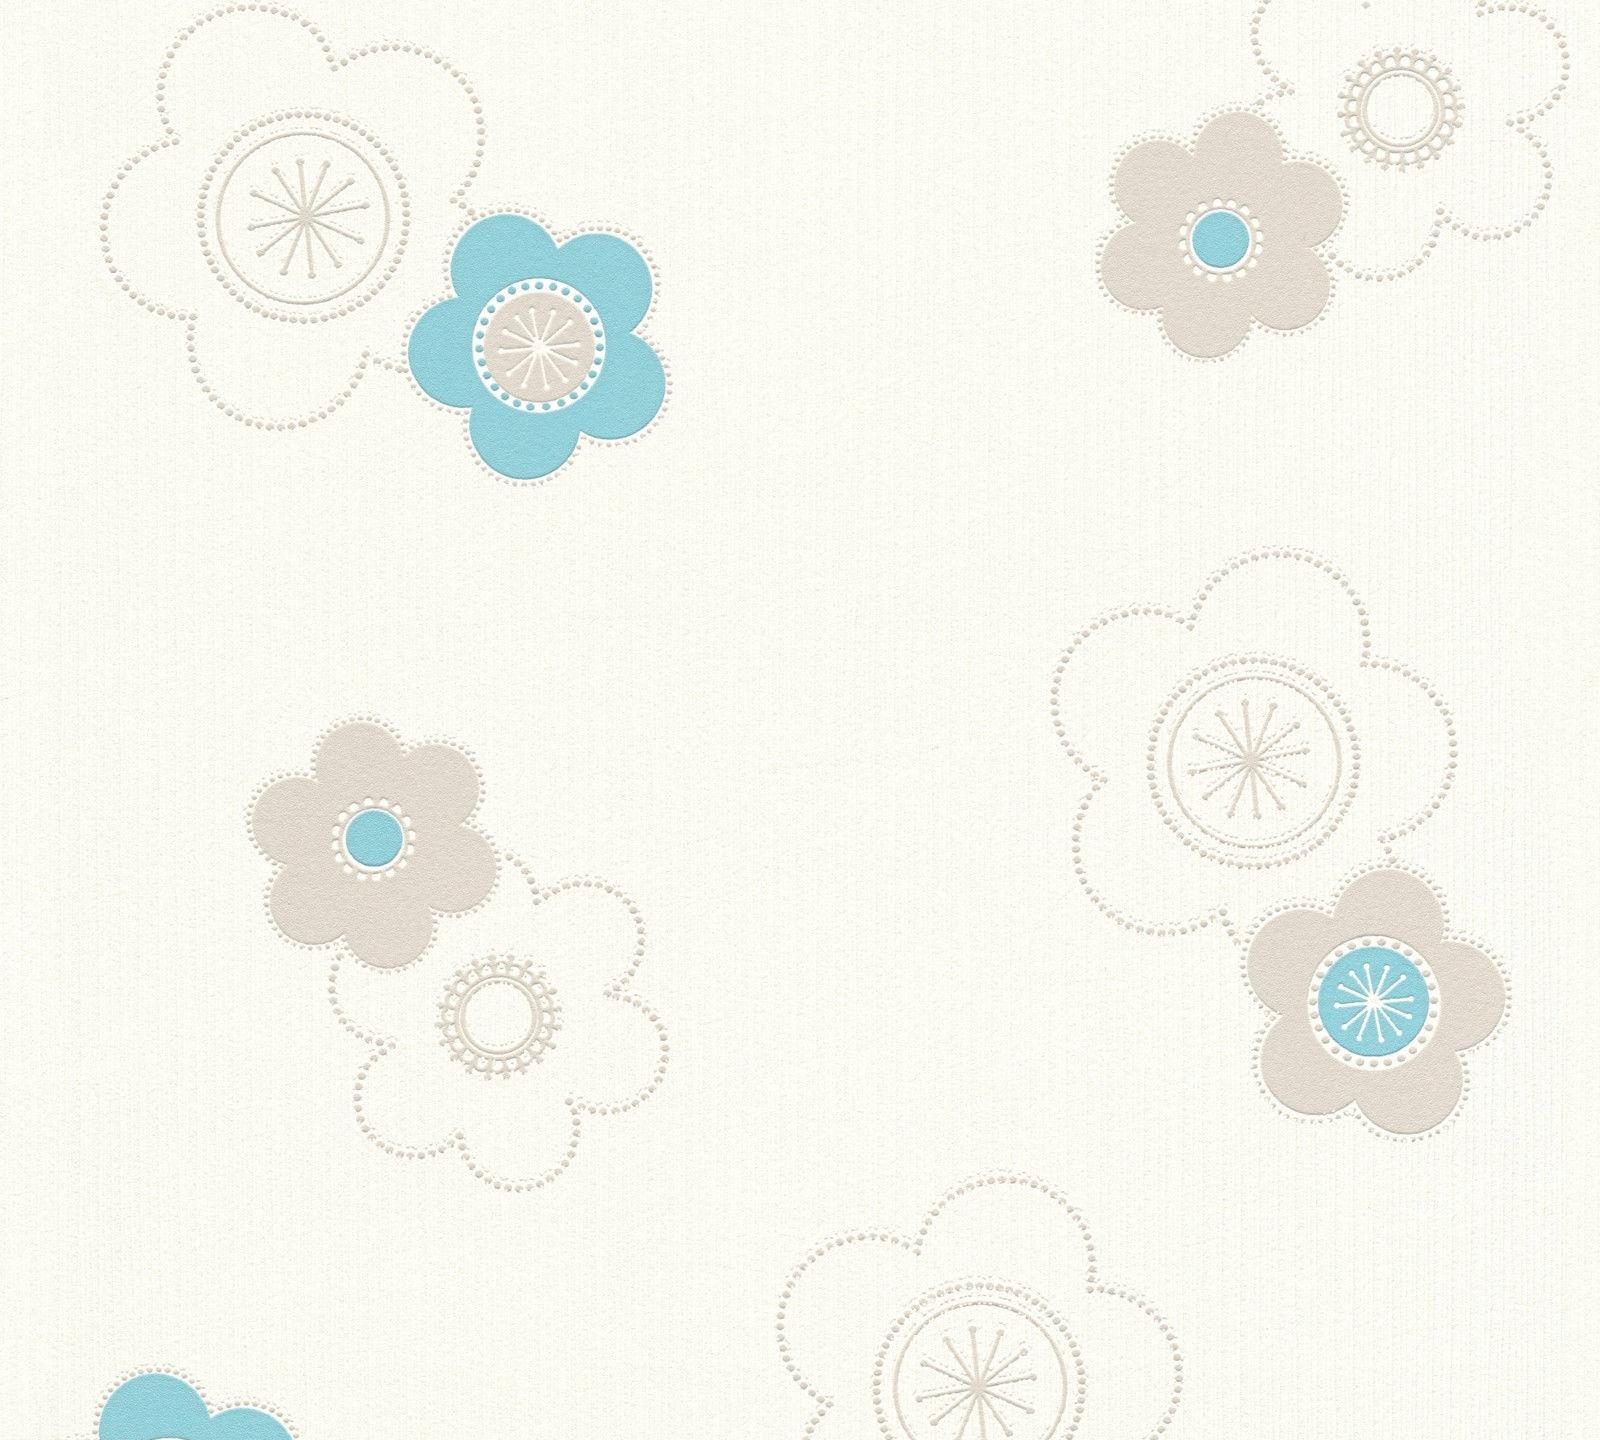 Vlies Tapete Retro Blumen Flower Power Creme Weiss Blau Turkis Grau